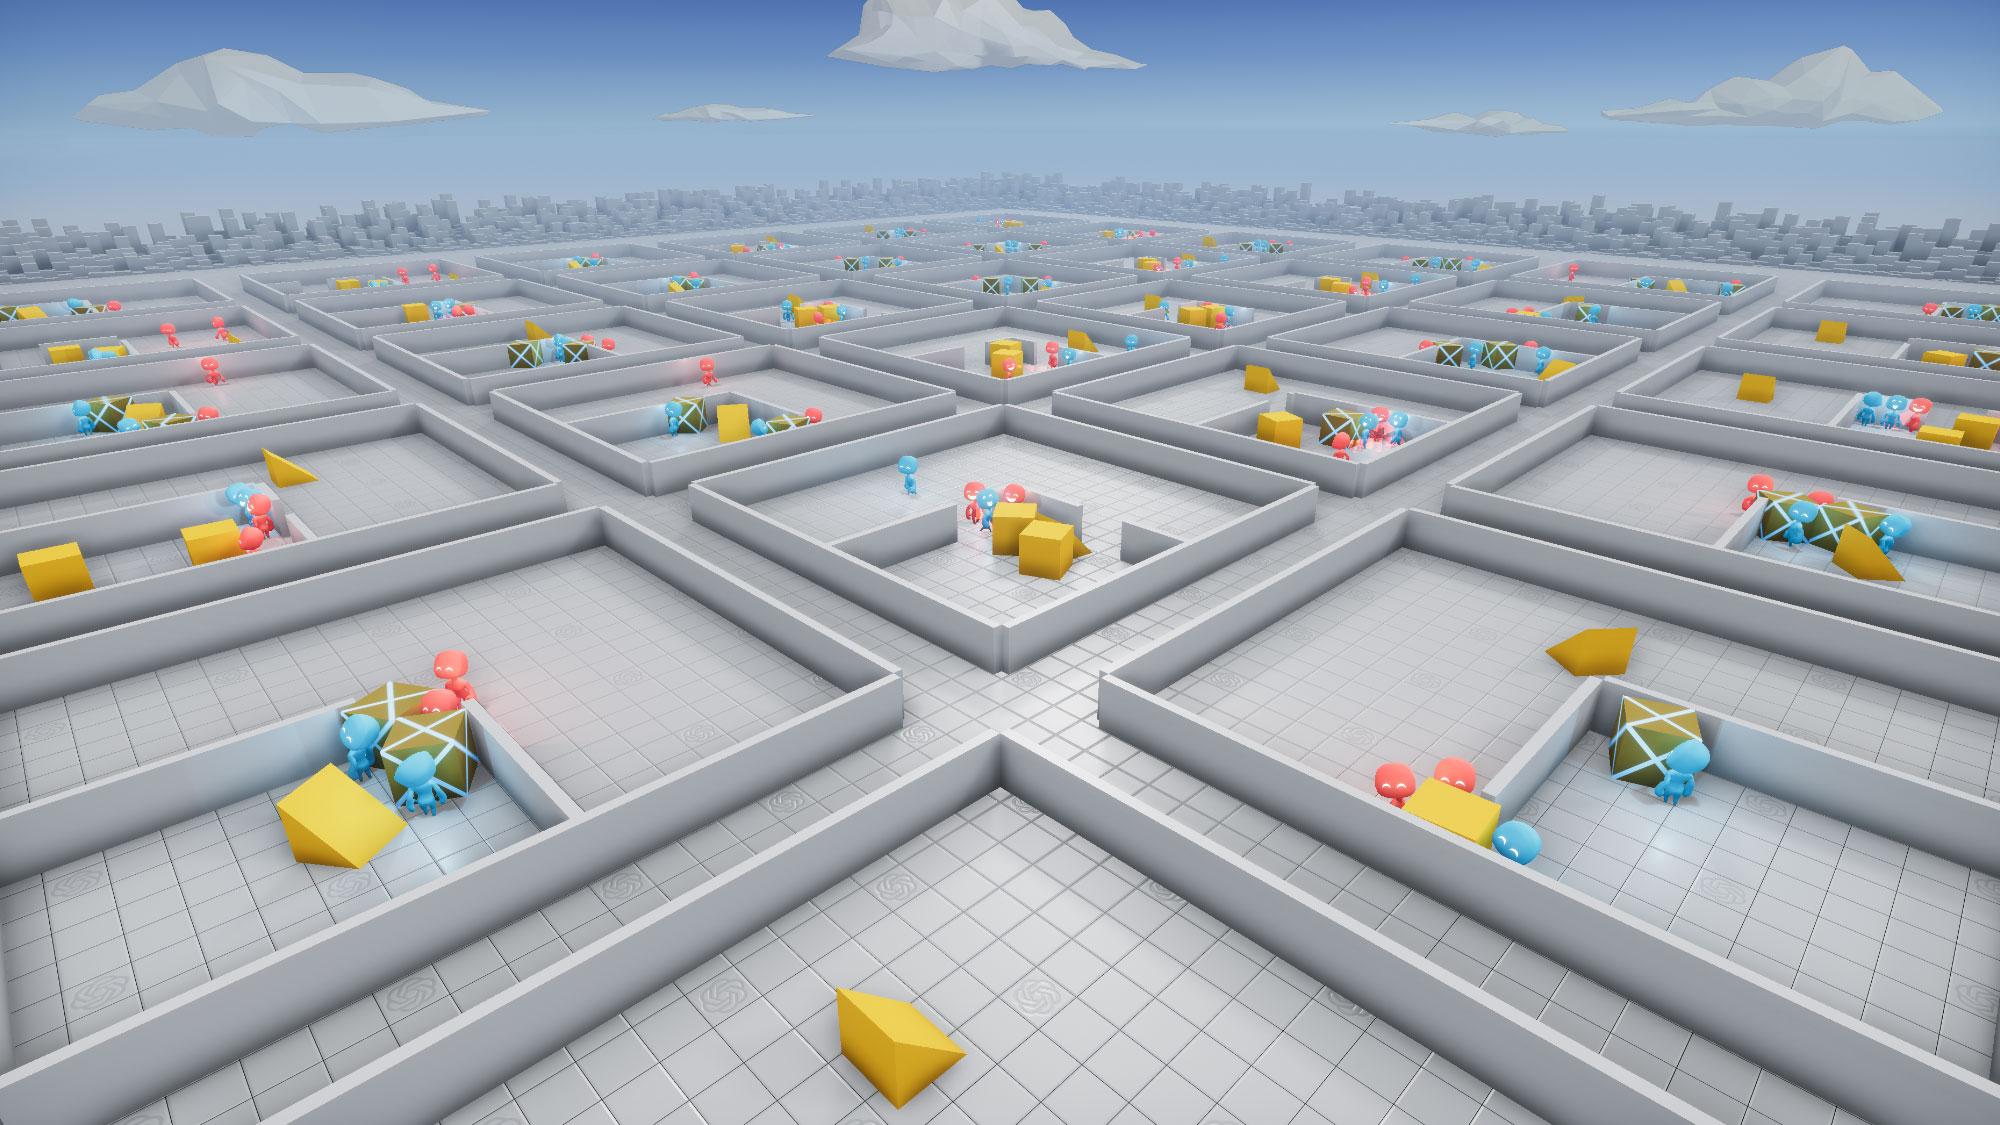 Rendering of multiple games of virtual hide-and-seek.